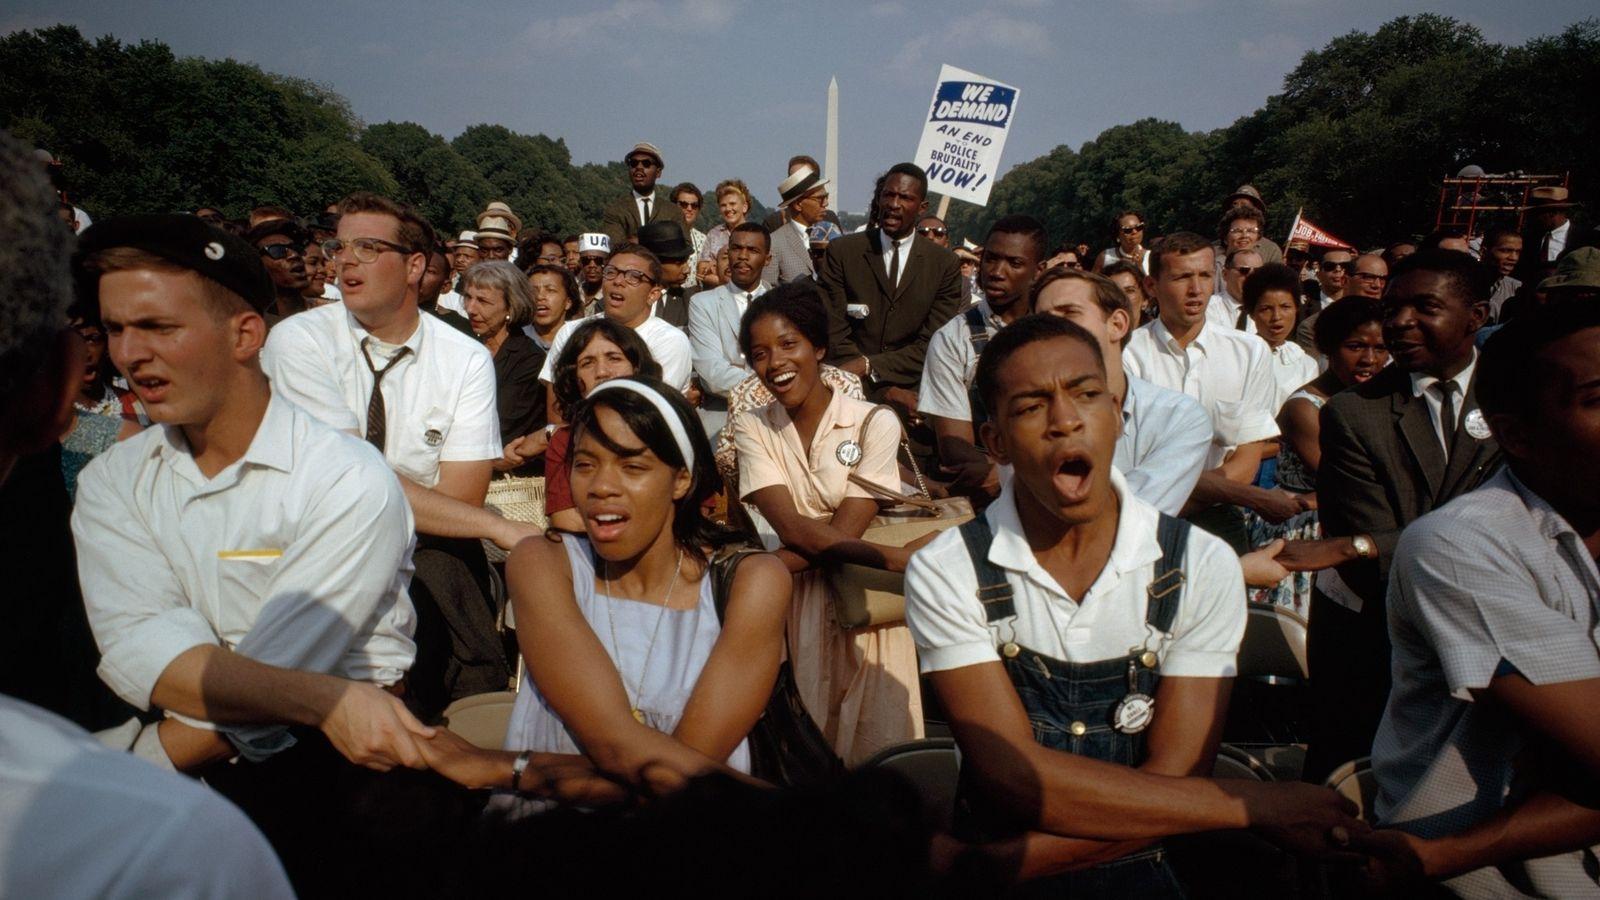 A Marcha sobre Washington de 1963 pelo Trabalho e Liberdade reuniu pessoas de organizações dos direitos ...